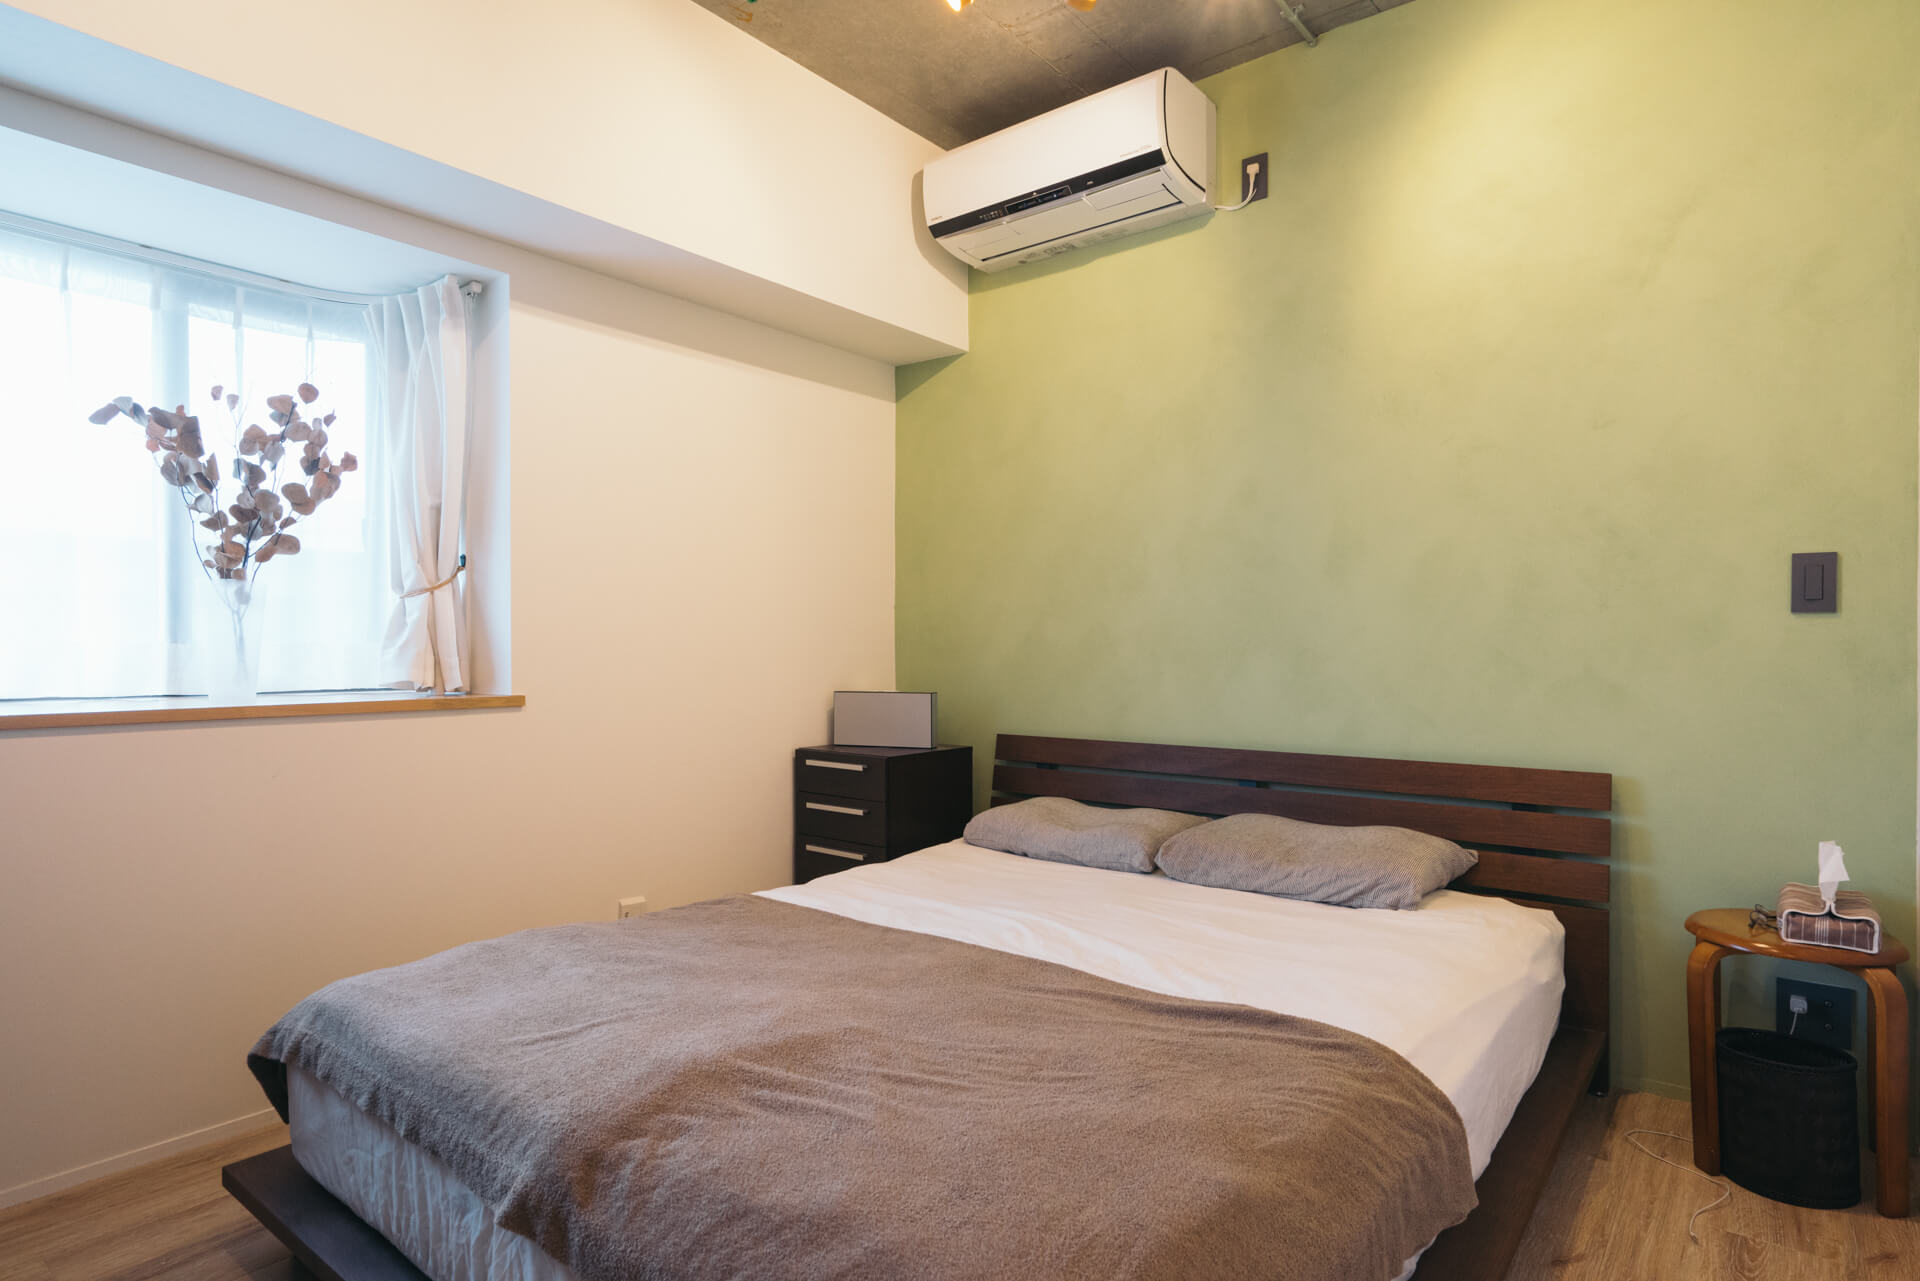 こちらはベッドルーム。やわらかい色合いが素敵な壁は、ポーターズペイントで色を選び、塗装しました。